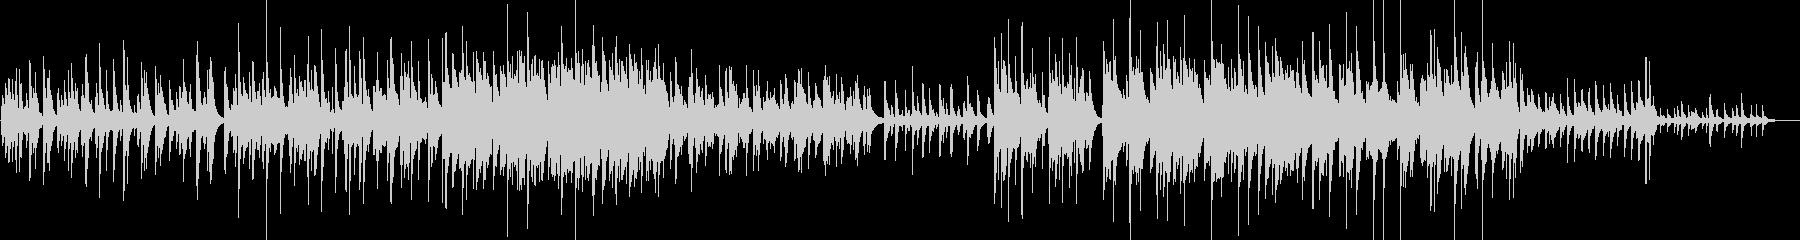 【ピアノ・バラード】綺麗なメロディー重視の未再生の波形